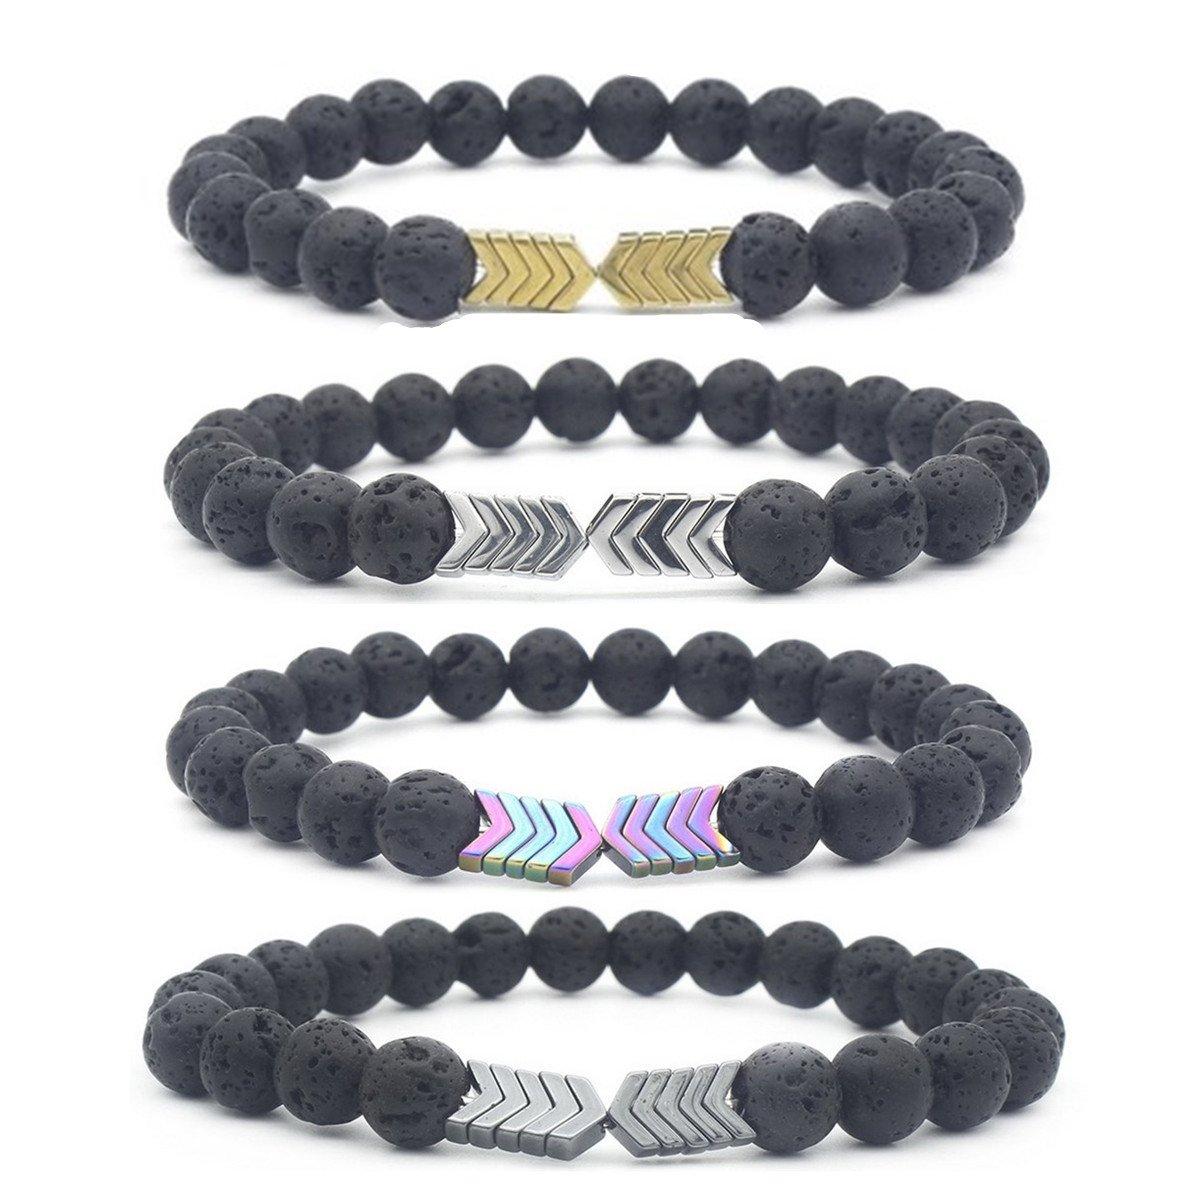 8mm Lava Rock Bead Arrow Diffuser Stone Bracelet for Women Men (4 Color A)